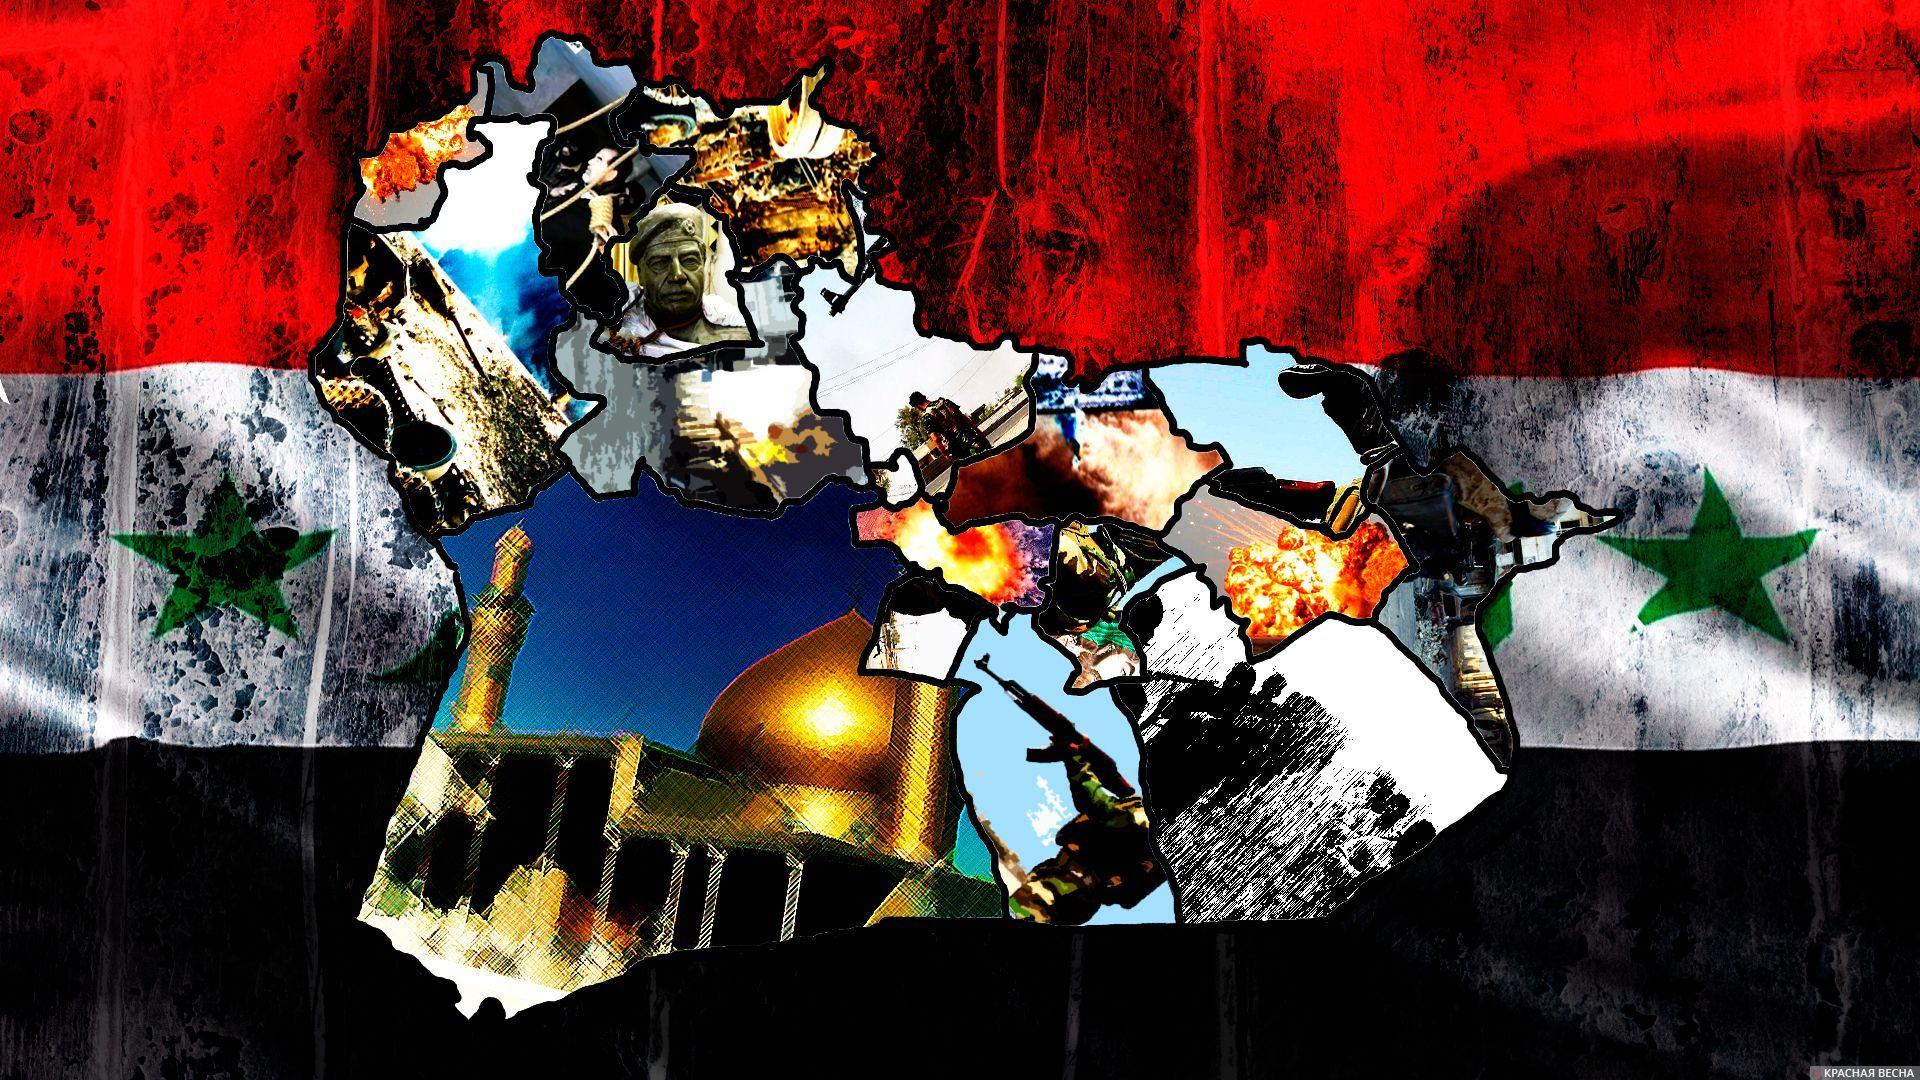 Ирак доконца месяца начнет экспорт нефти изпровинции Киркук вИран